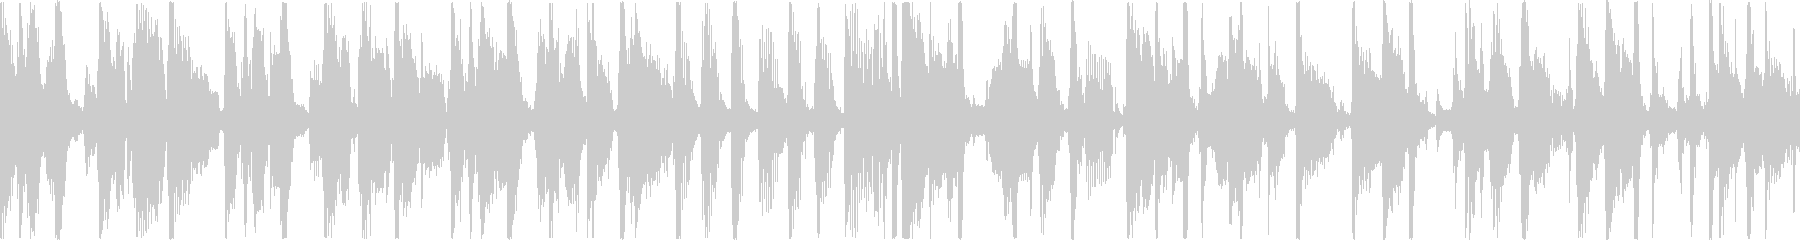 サックスのクールなファンクトラックの未再生の波形